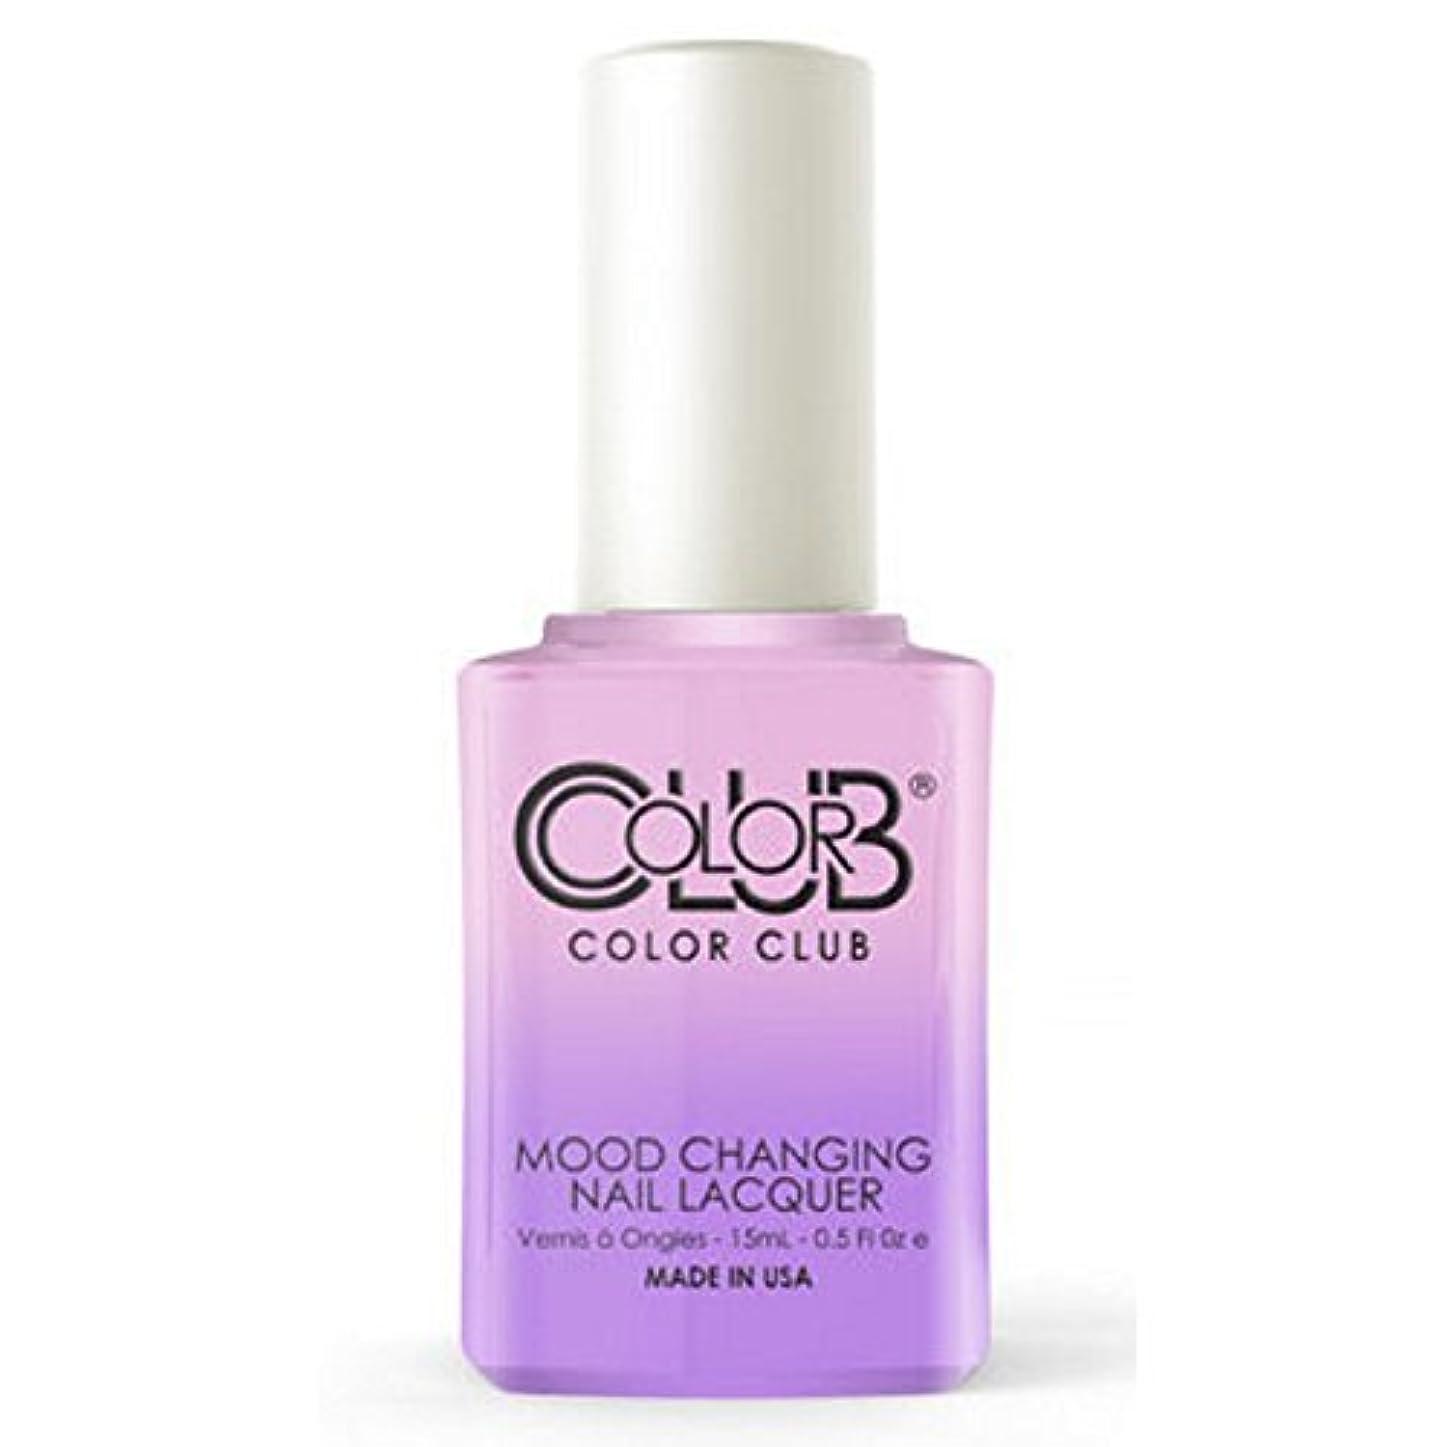 繊毛ジャケットうぬぼれたColor Club Mood Changing Nail Lacquer - Go with the Flow- 15 mL / 0.5 fl oz